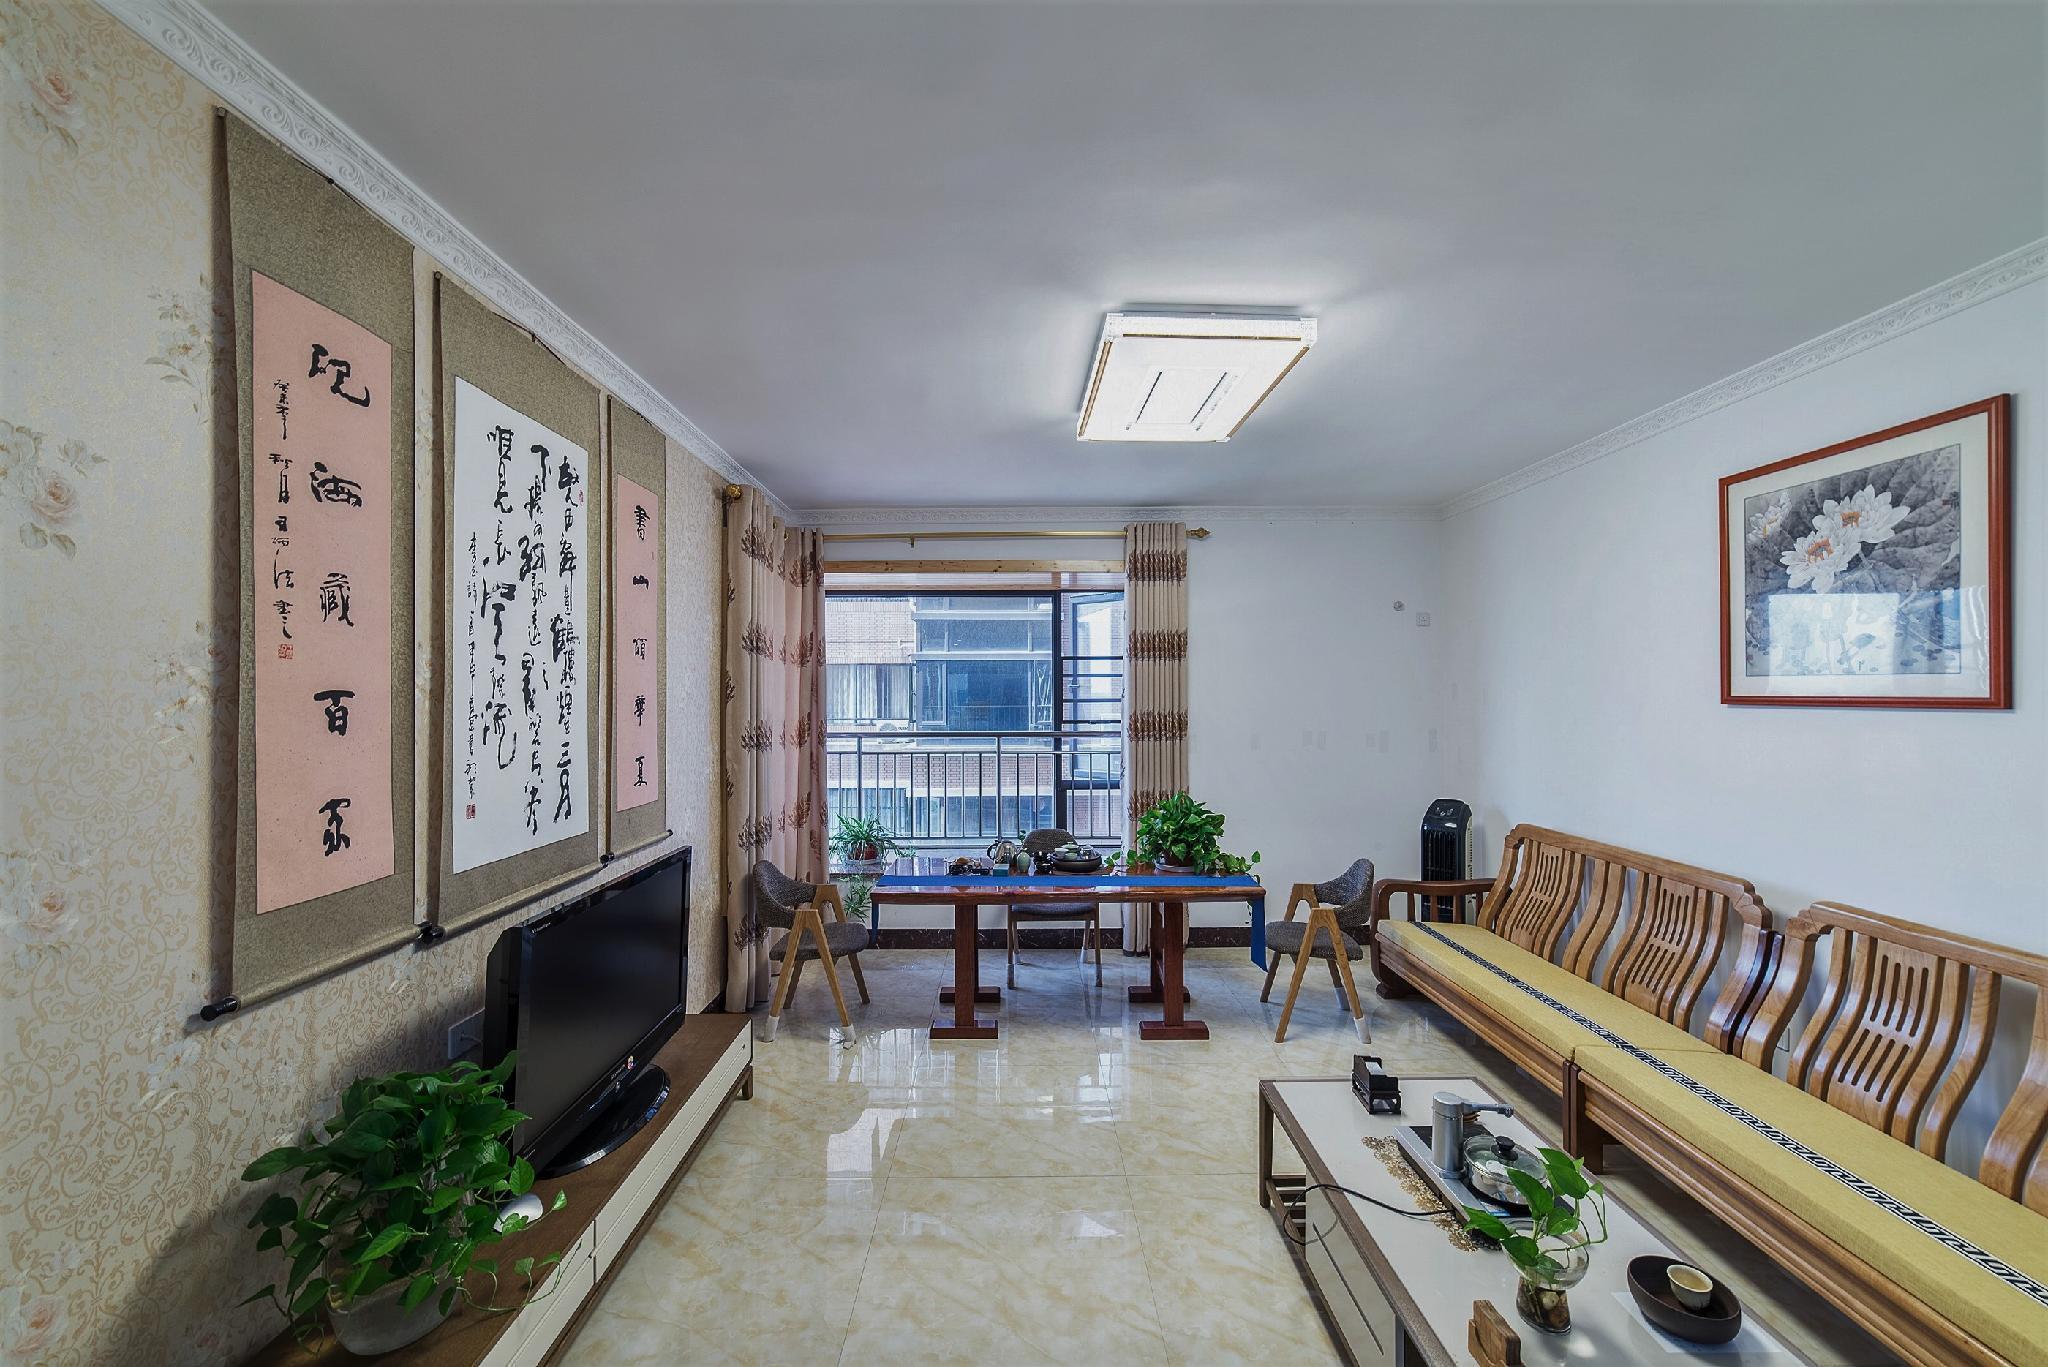 Dangzheqiuqiankanqingshan Zhengtaodasanfang